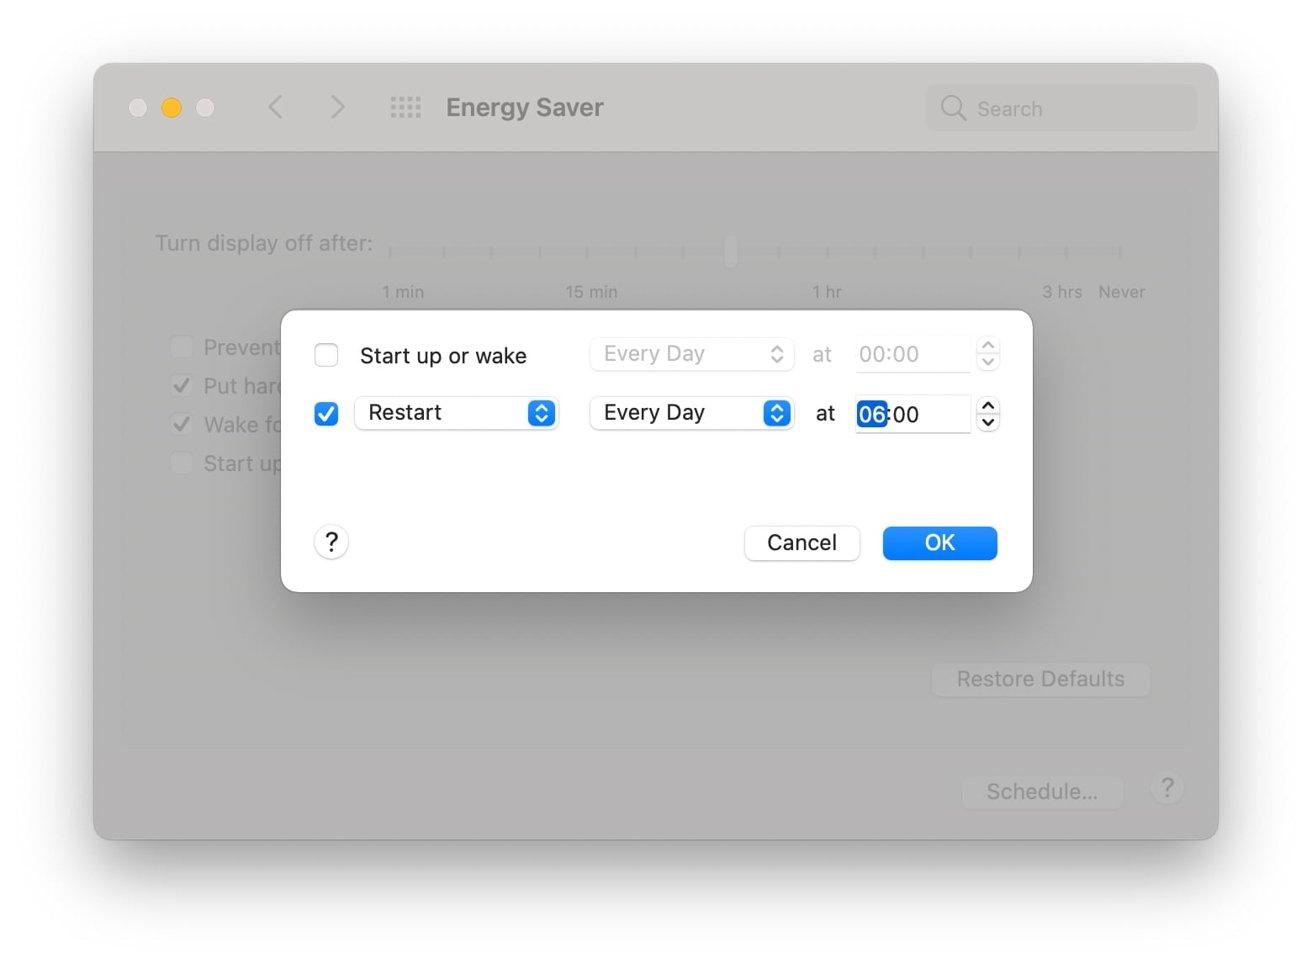 """Если вам нужно перезагрузить Mac только во время сна, это может быть хорошим расписанием для использования Energy Saver. """"height ="""" 964 """"loading ="""" lazy """"class ="""" img-responsive article-image """"/> </div> <p> <span class="""